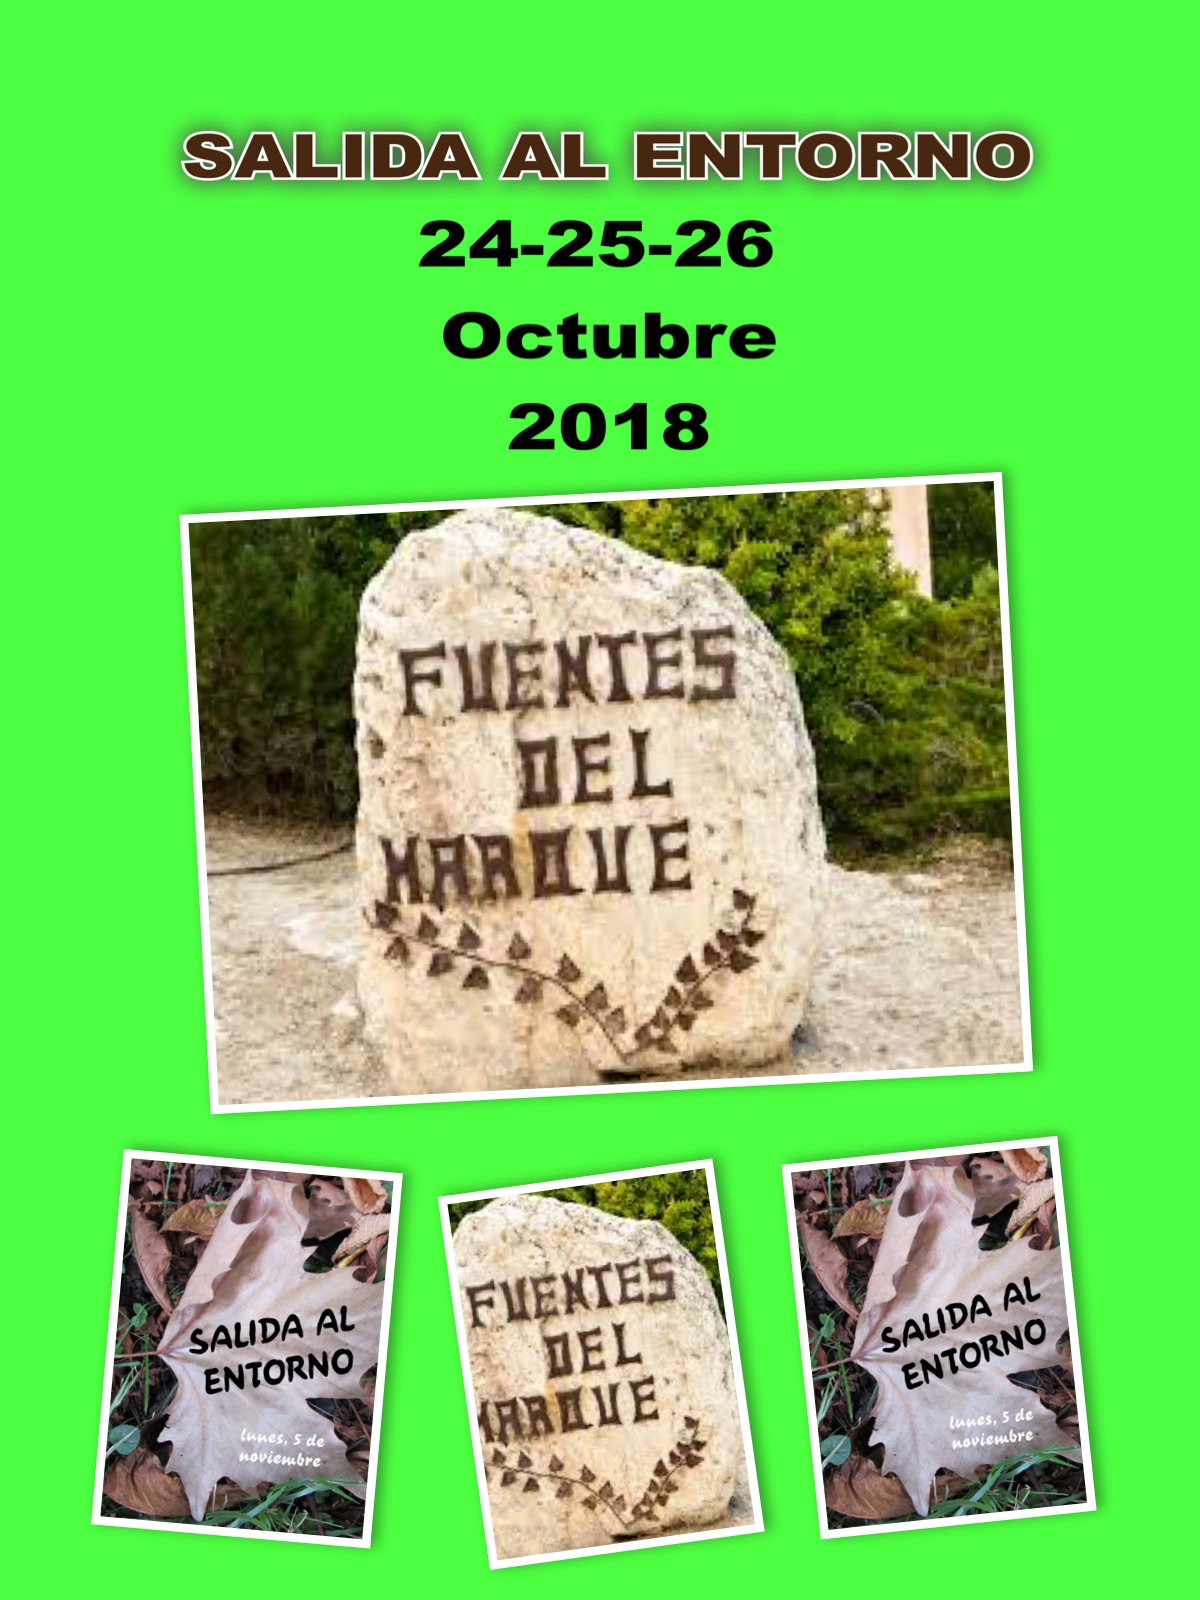 SALIDA AL ENTORNO 24-25-26 OCTUBRE 2018